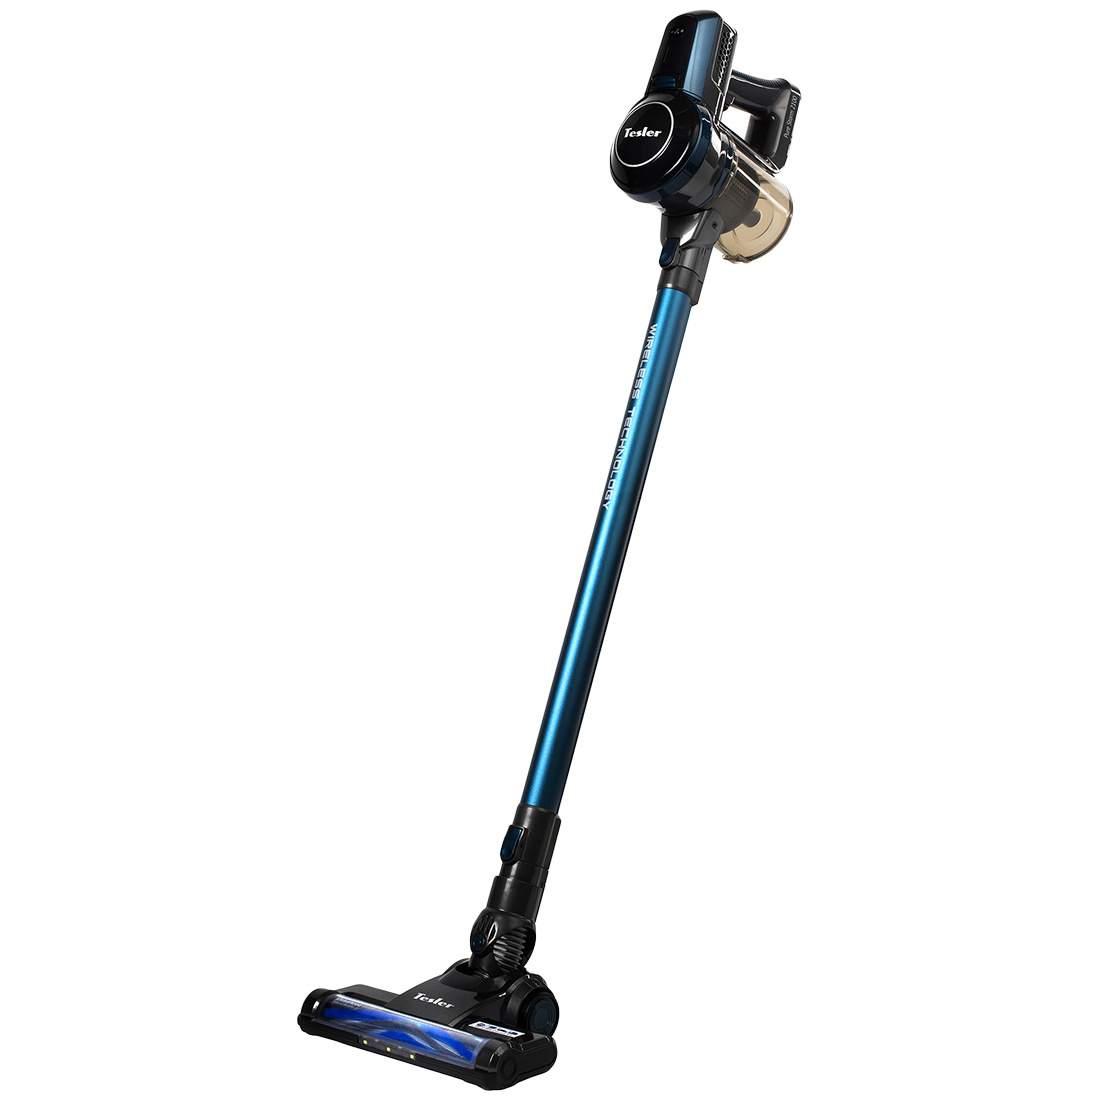 Вертикальный пылесос Tesler Pure Storm 2100 Grey/Blue - характеристики, техническое описание - маркетплейс goods